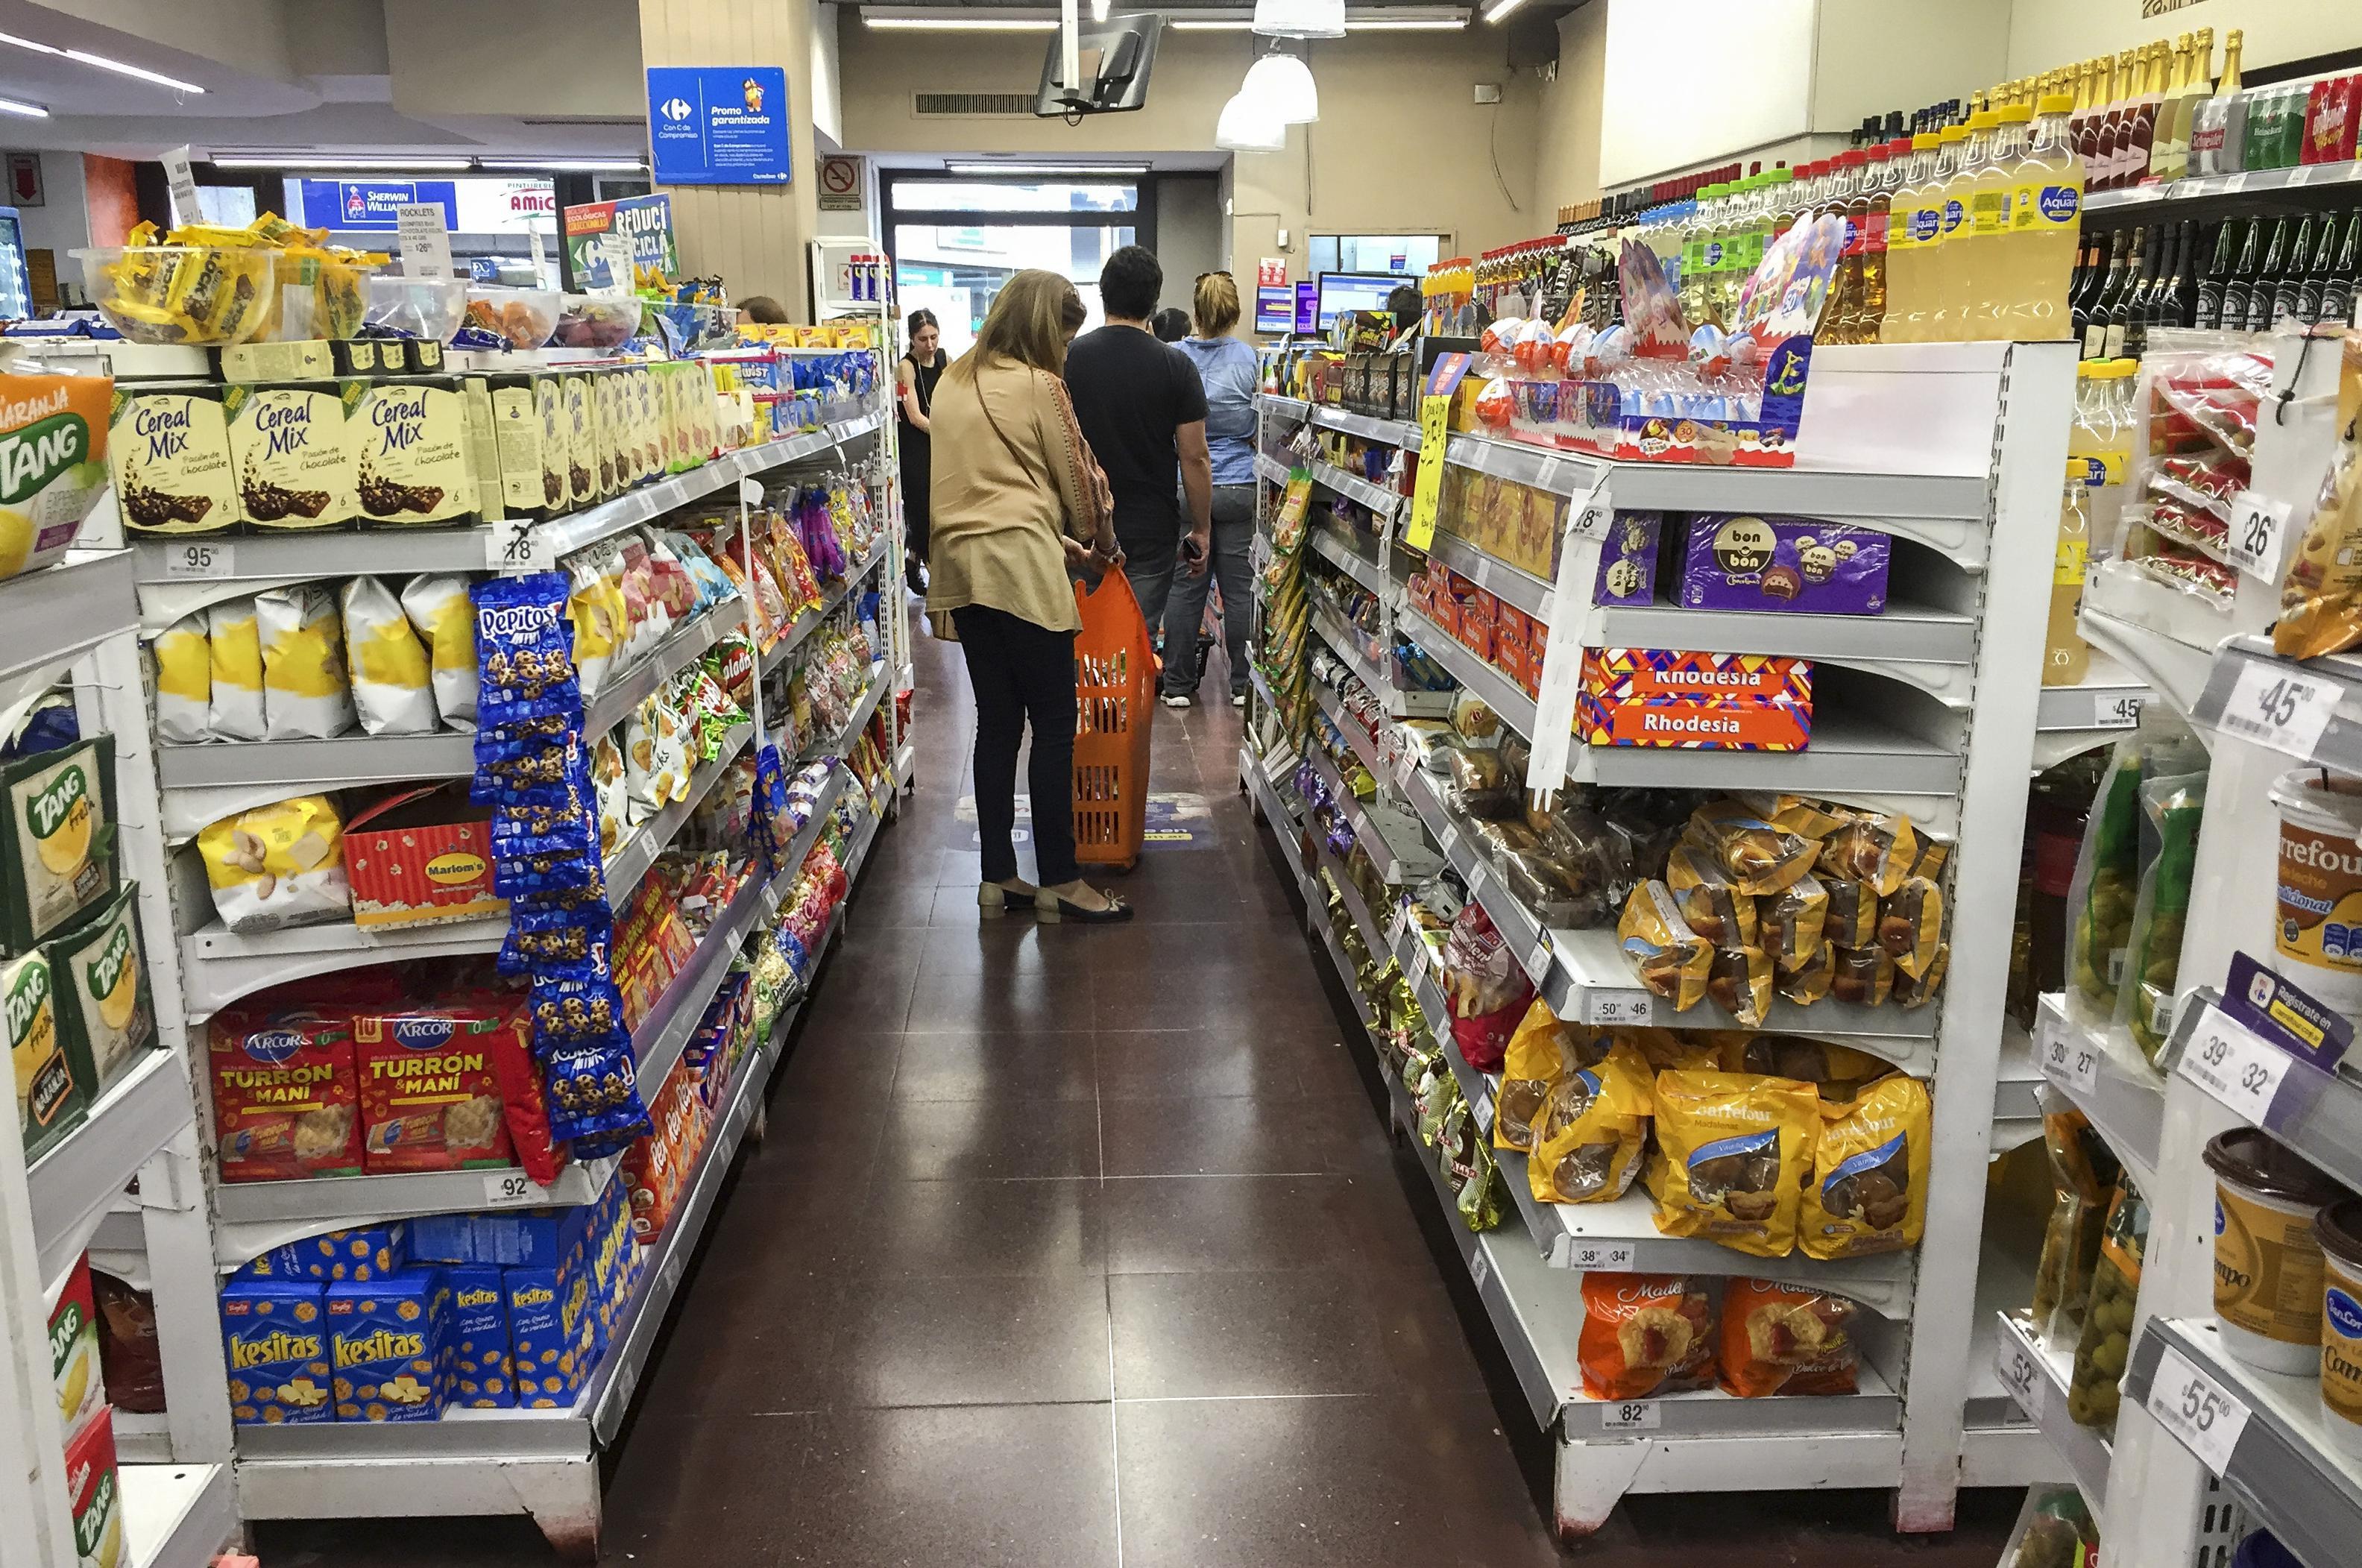 La inflación registrada en Córdoba aumentó 3,92% en enero